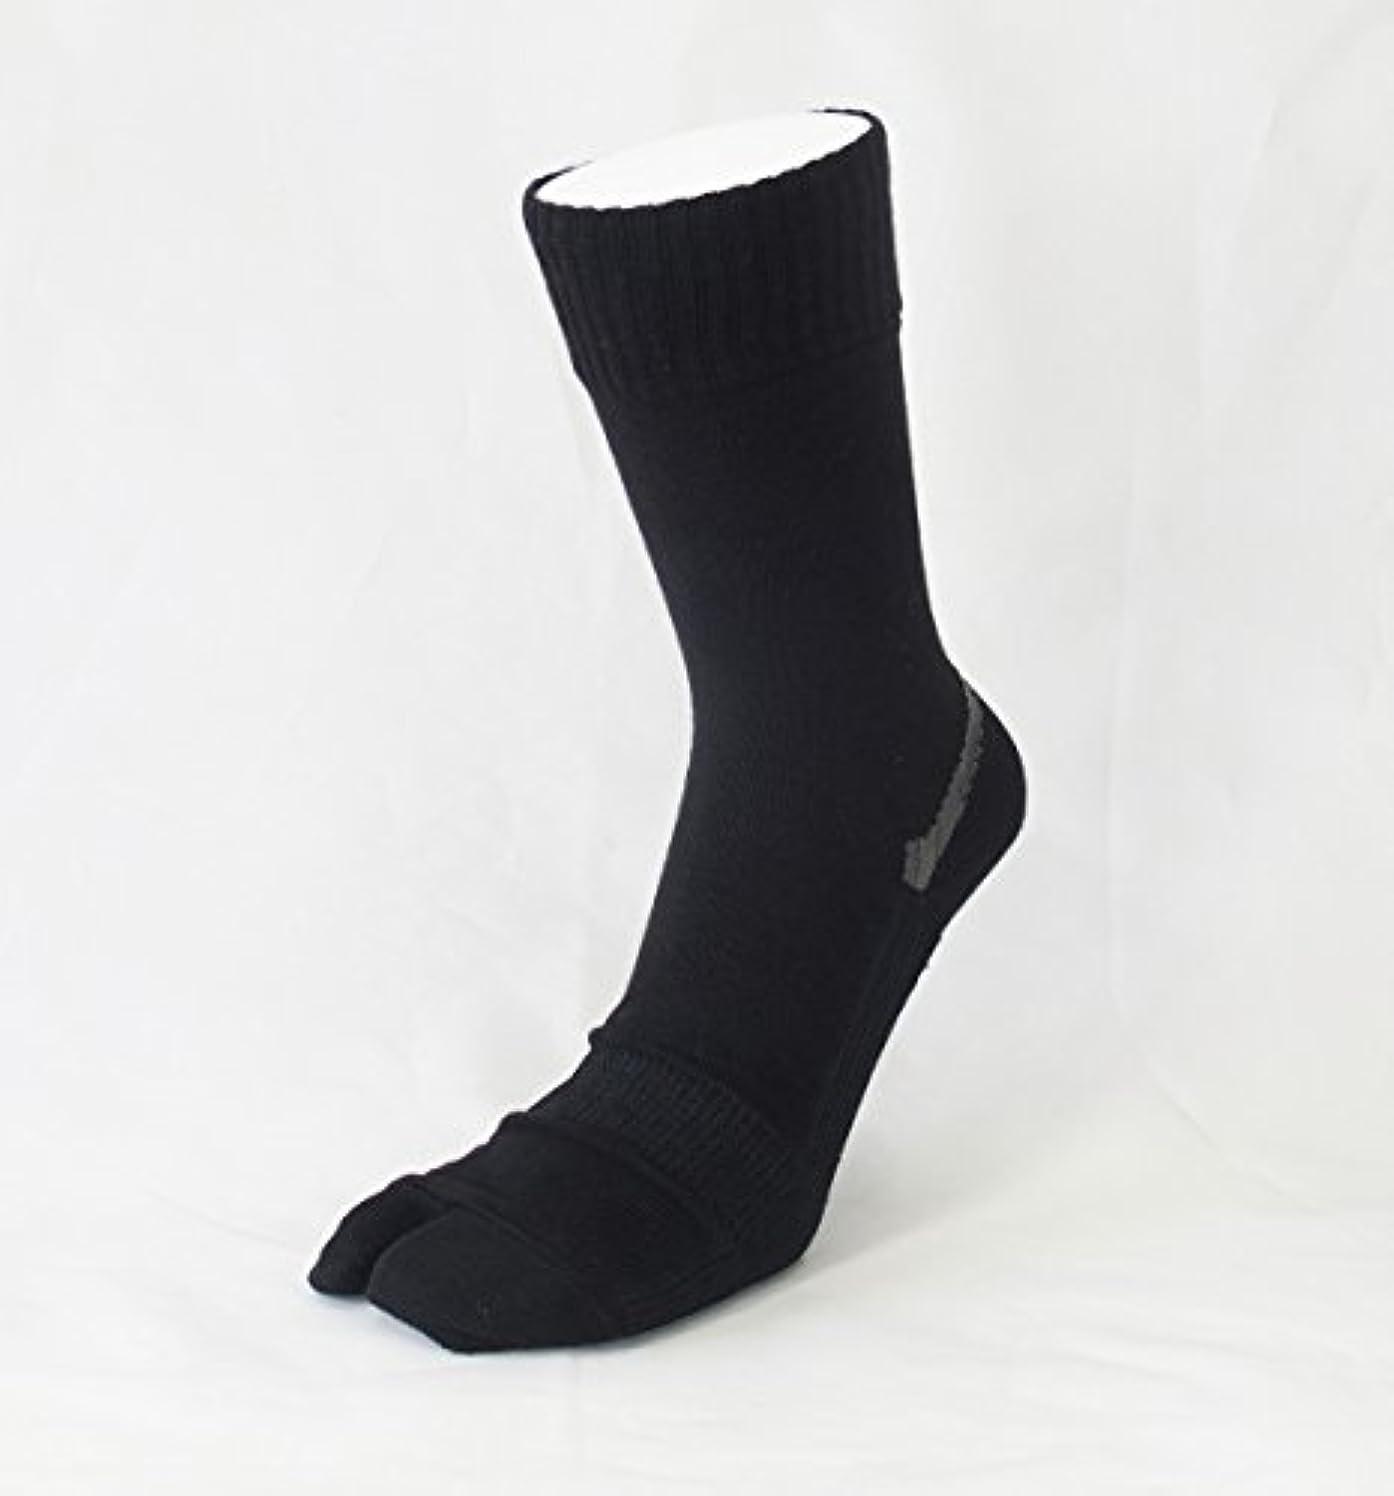 エンコミウムゲージ墓地【あしサポ】履くだけで足がラクにひらく靴下 外反母趾に (Lサイズ(25-26センチ), ブラック)